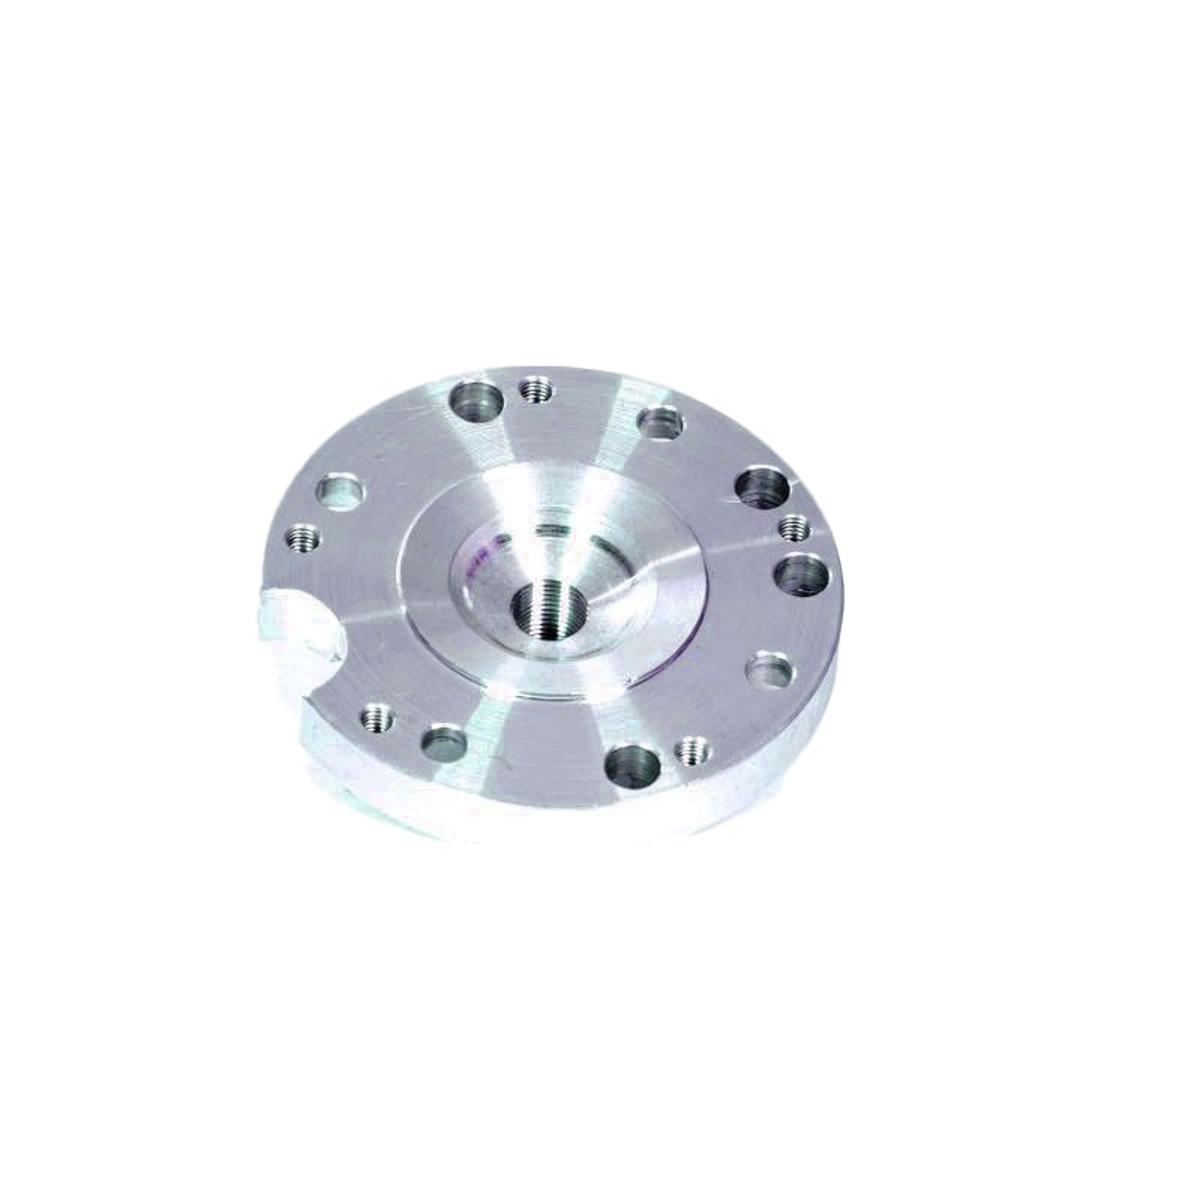 Plot de Culasse DERBI E2 50,6mm - MVT